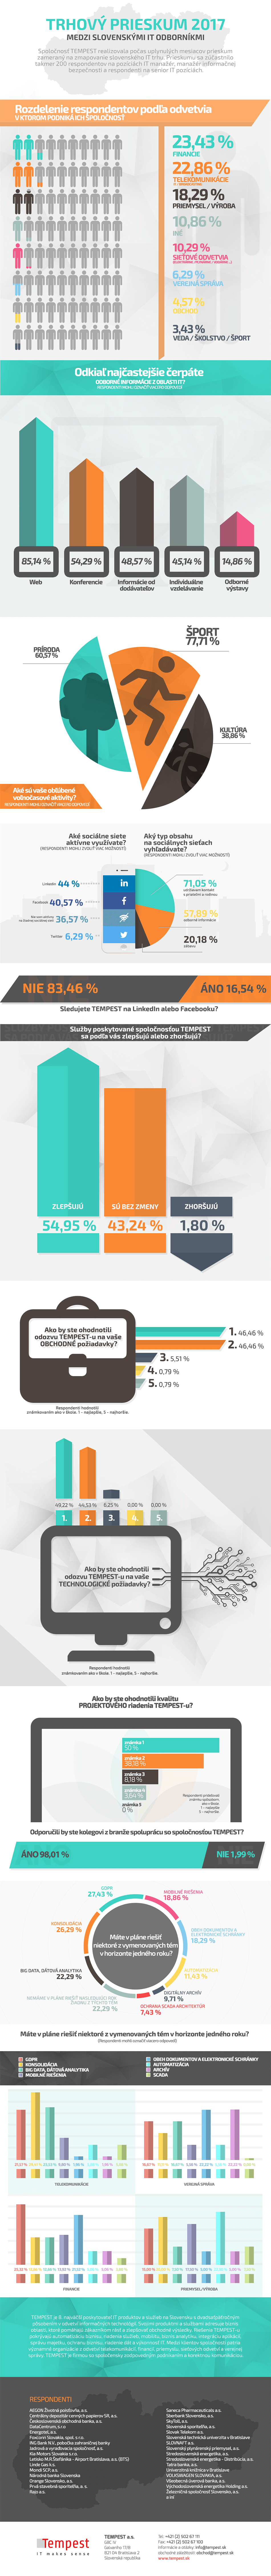 Infografika k trhovému prieskumu medzi slovenskými IT manažérmi